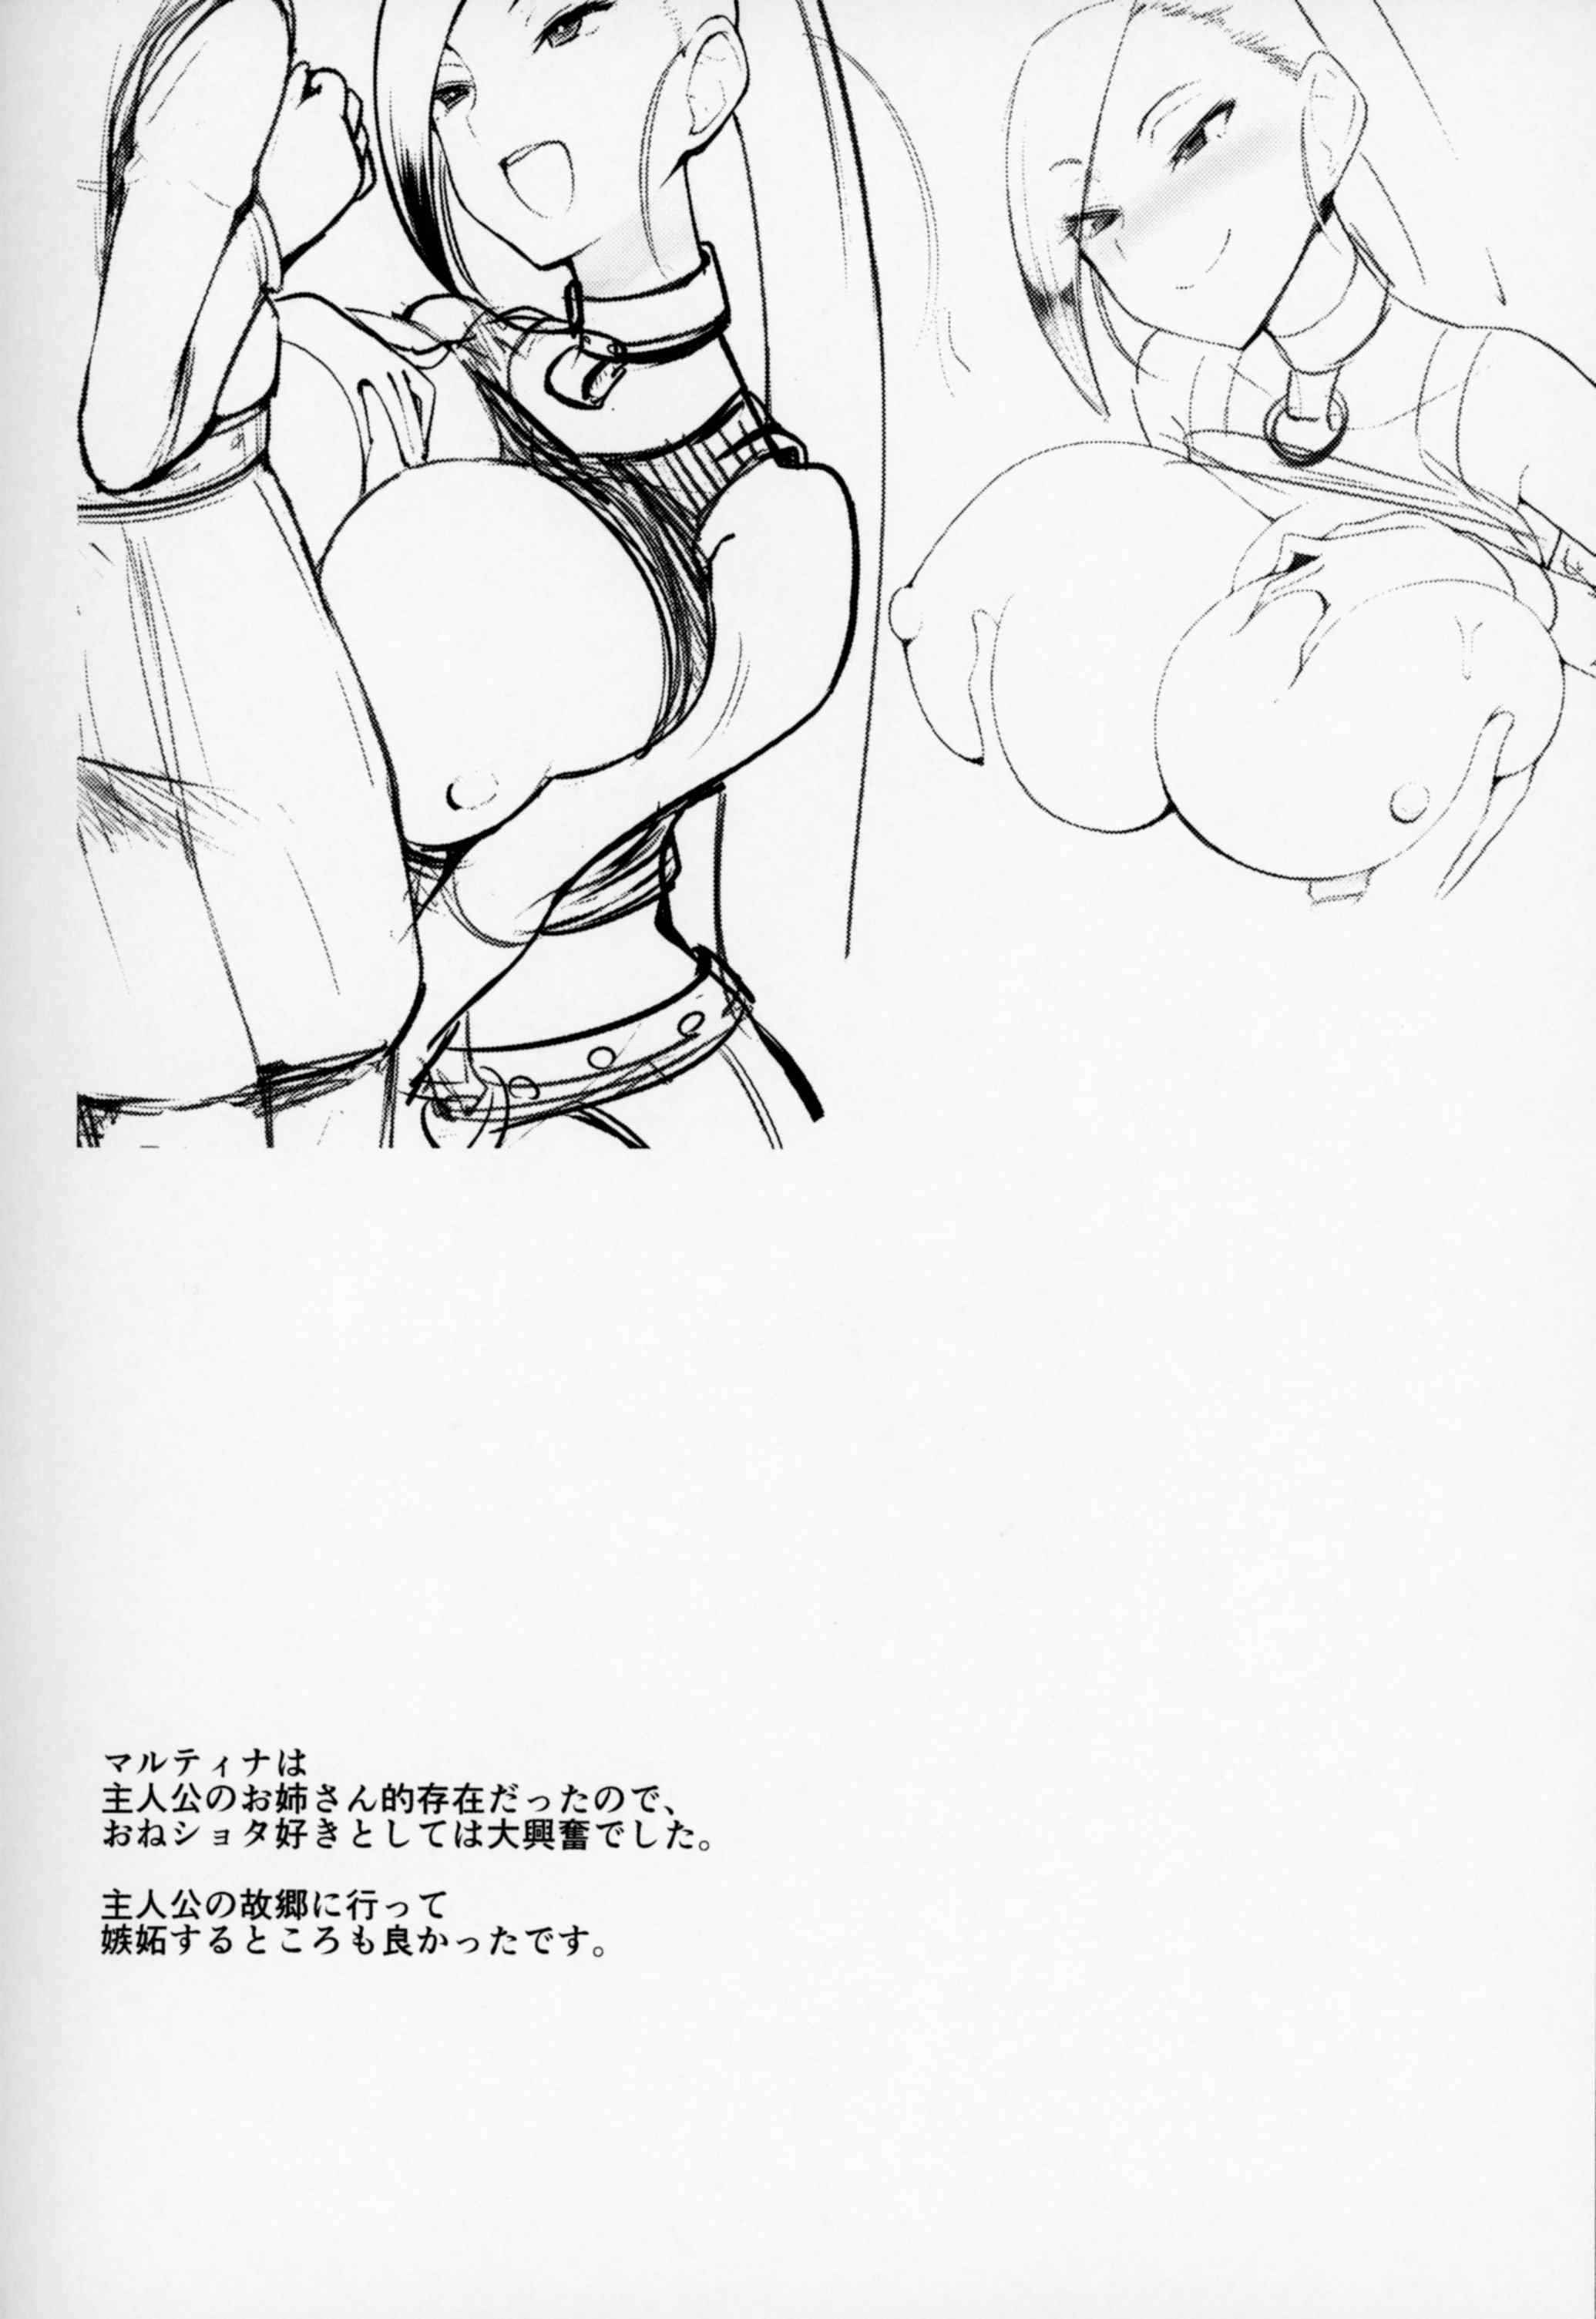 【ドラクエⅪ エロ漫画・エロ同人】魔物の呪いでショタになった勇者に母性を掻き立てられたのかおねショタSEXしまくるマルティナさん♥ (22)